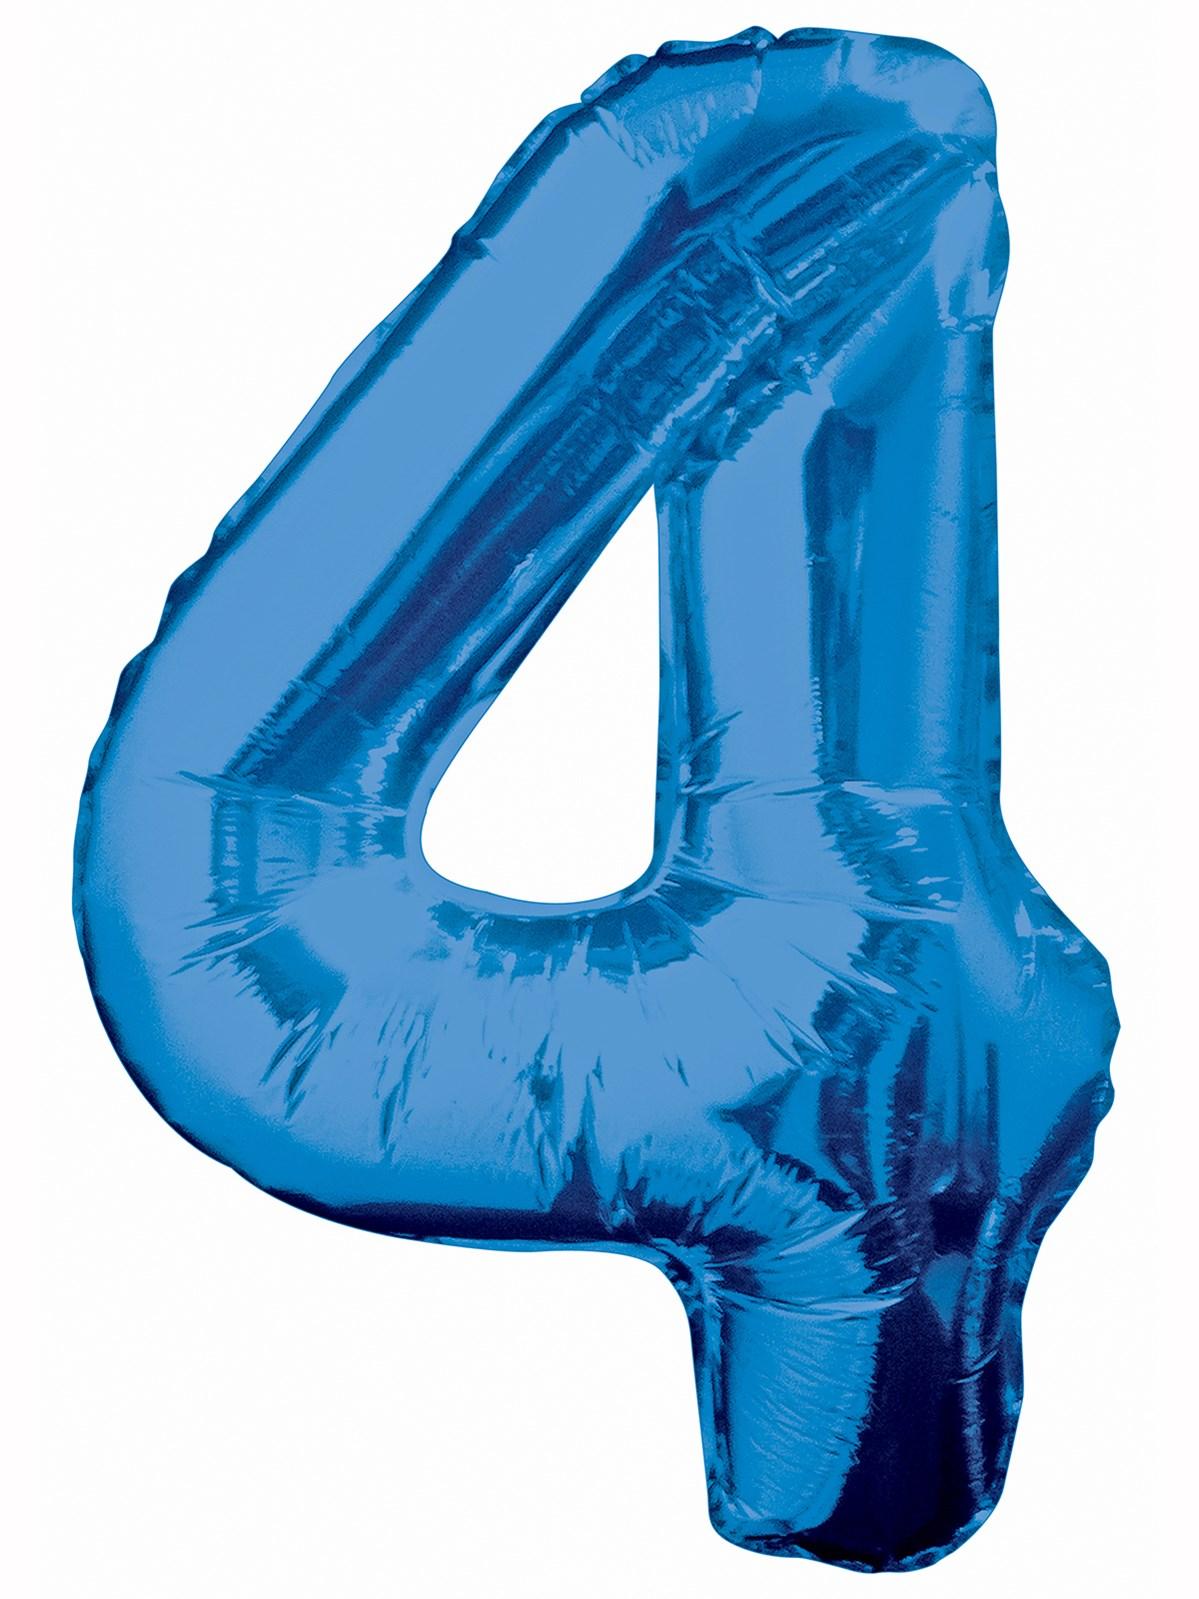 Folieballong 86cm siffra blå 4  49kr